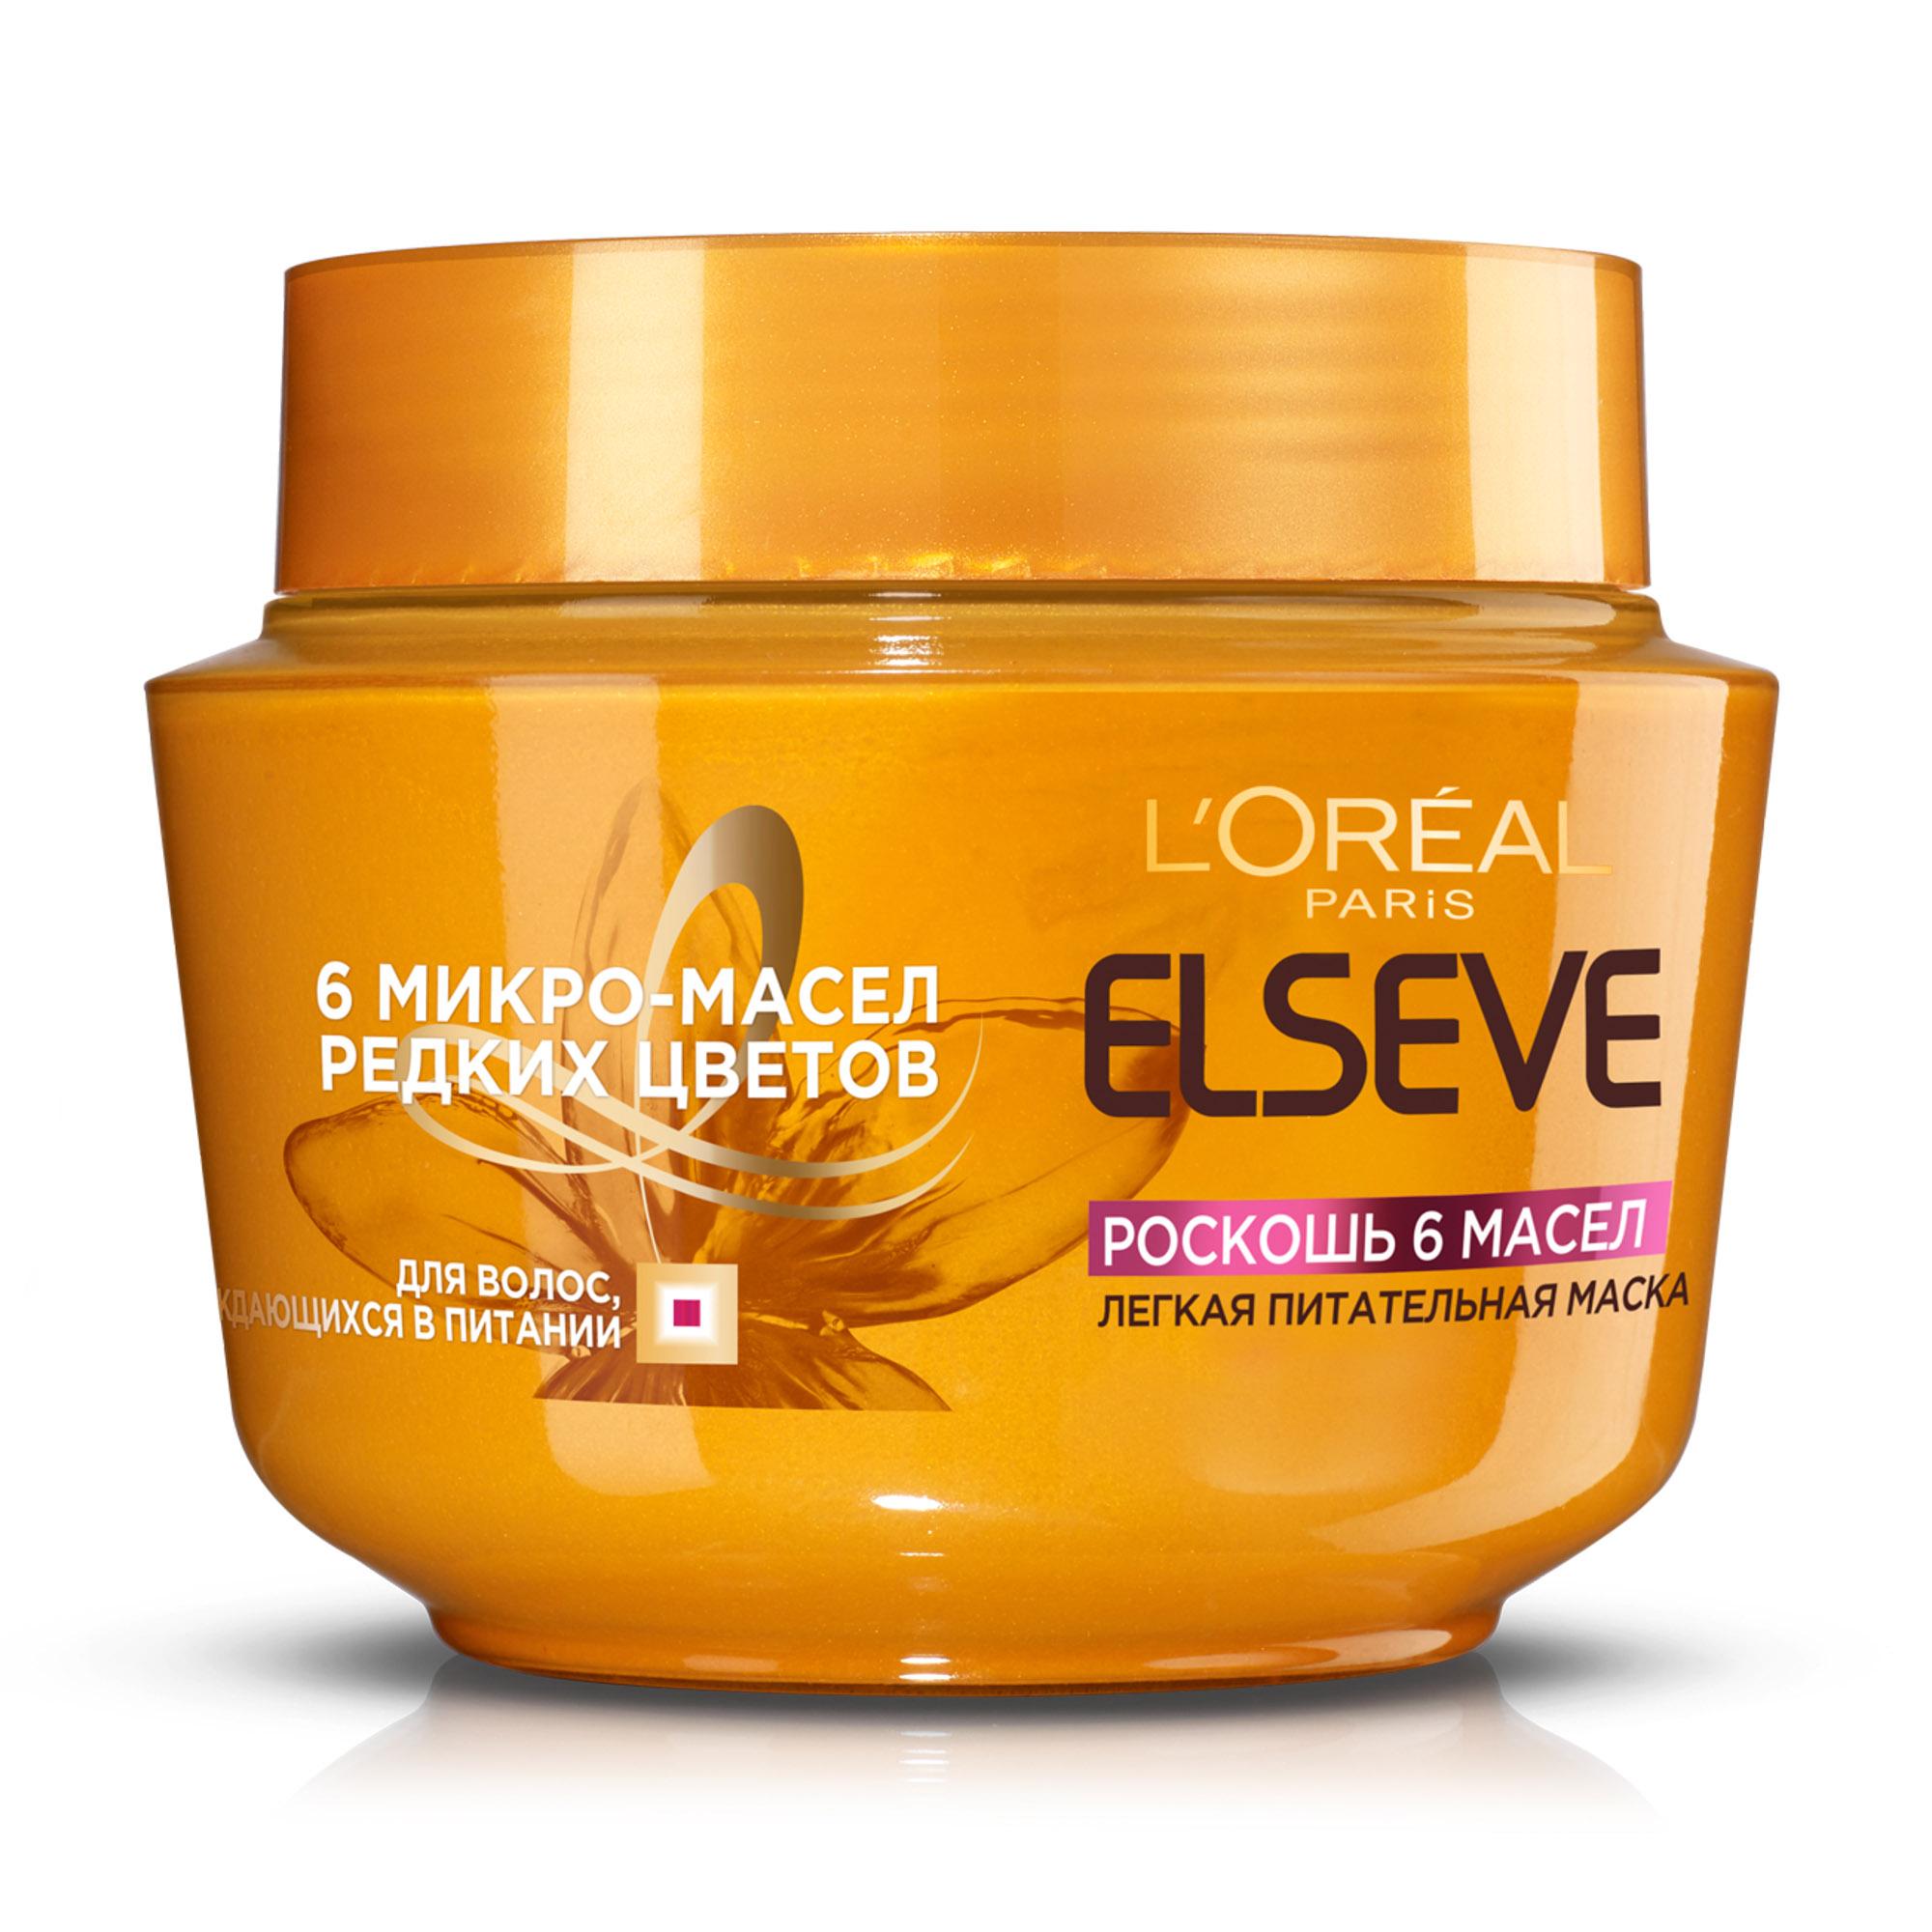 Маска Эльсев Питательная Роскошь 6 Масел (Для волос, нуждающихся в питании) 300 мл